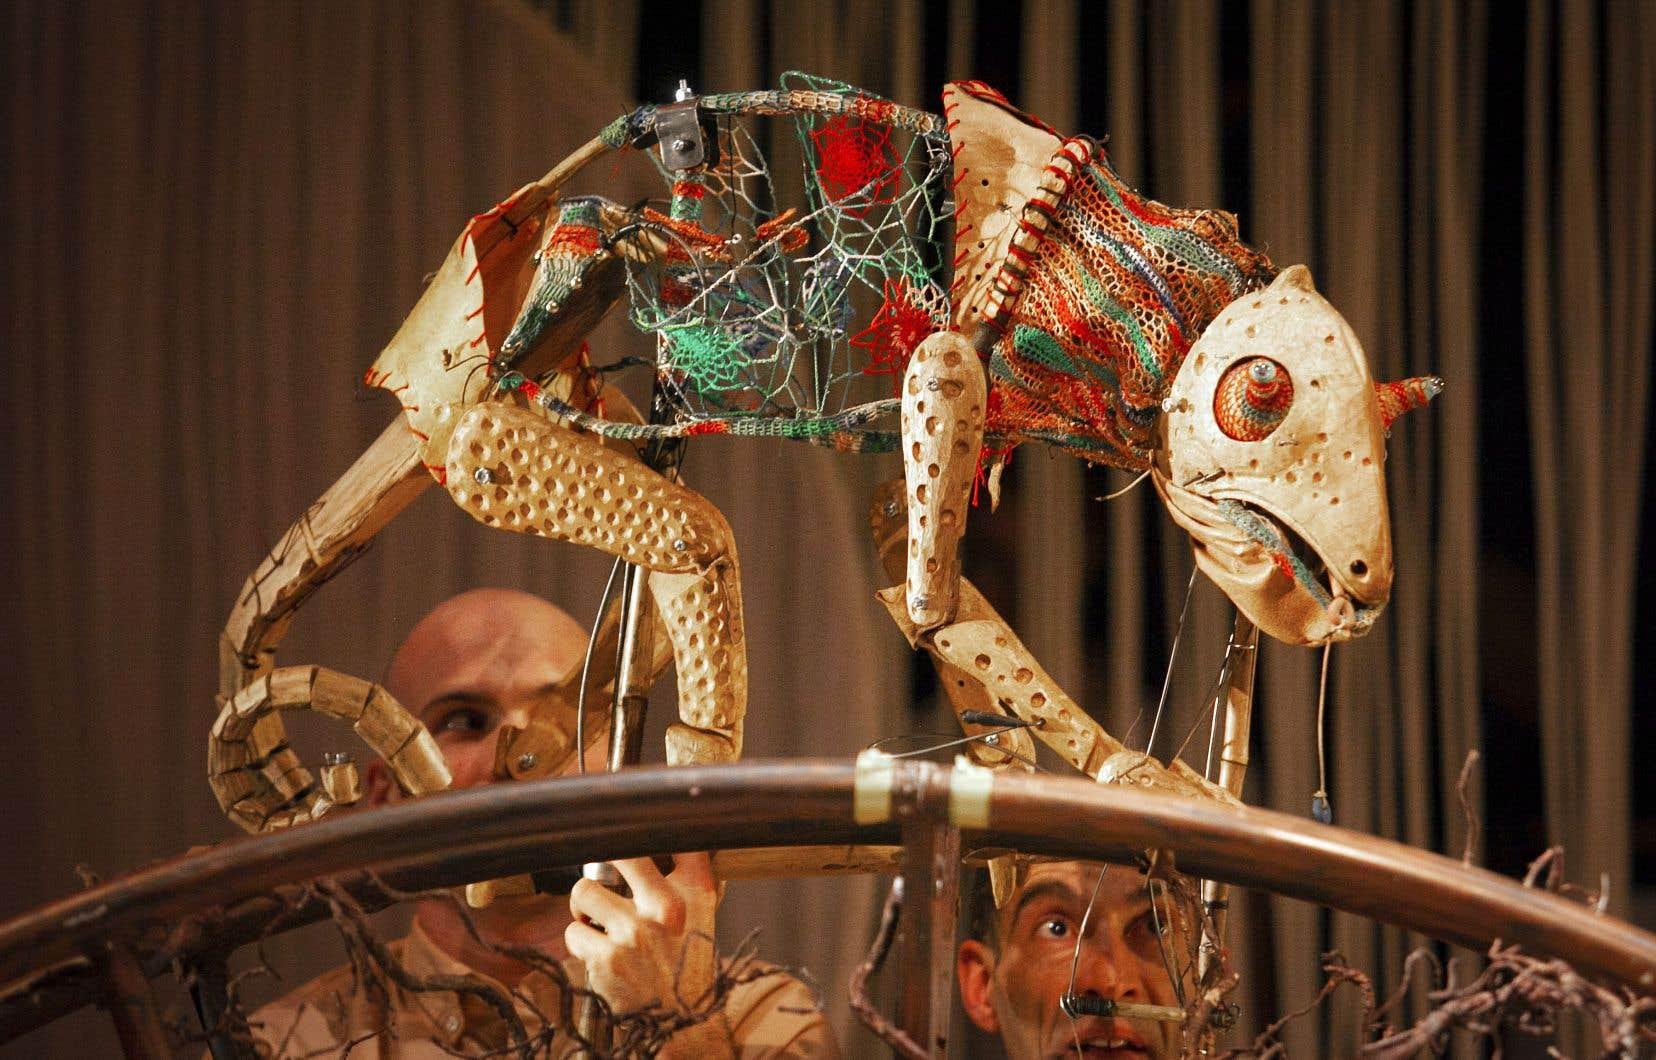 Le spectacle «Ganou-Gàla, la traversée», présenté en ouverture du festival, a été conçu successivement au Mexique, au Mali, en Suisse et au Canada.